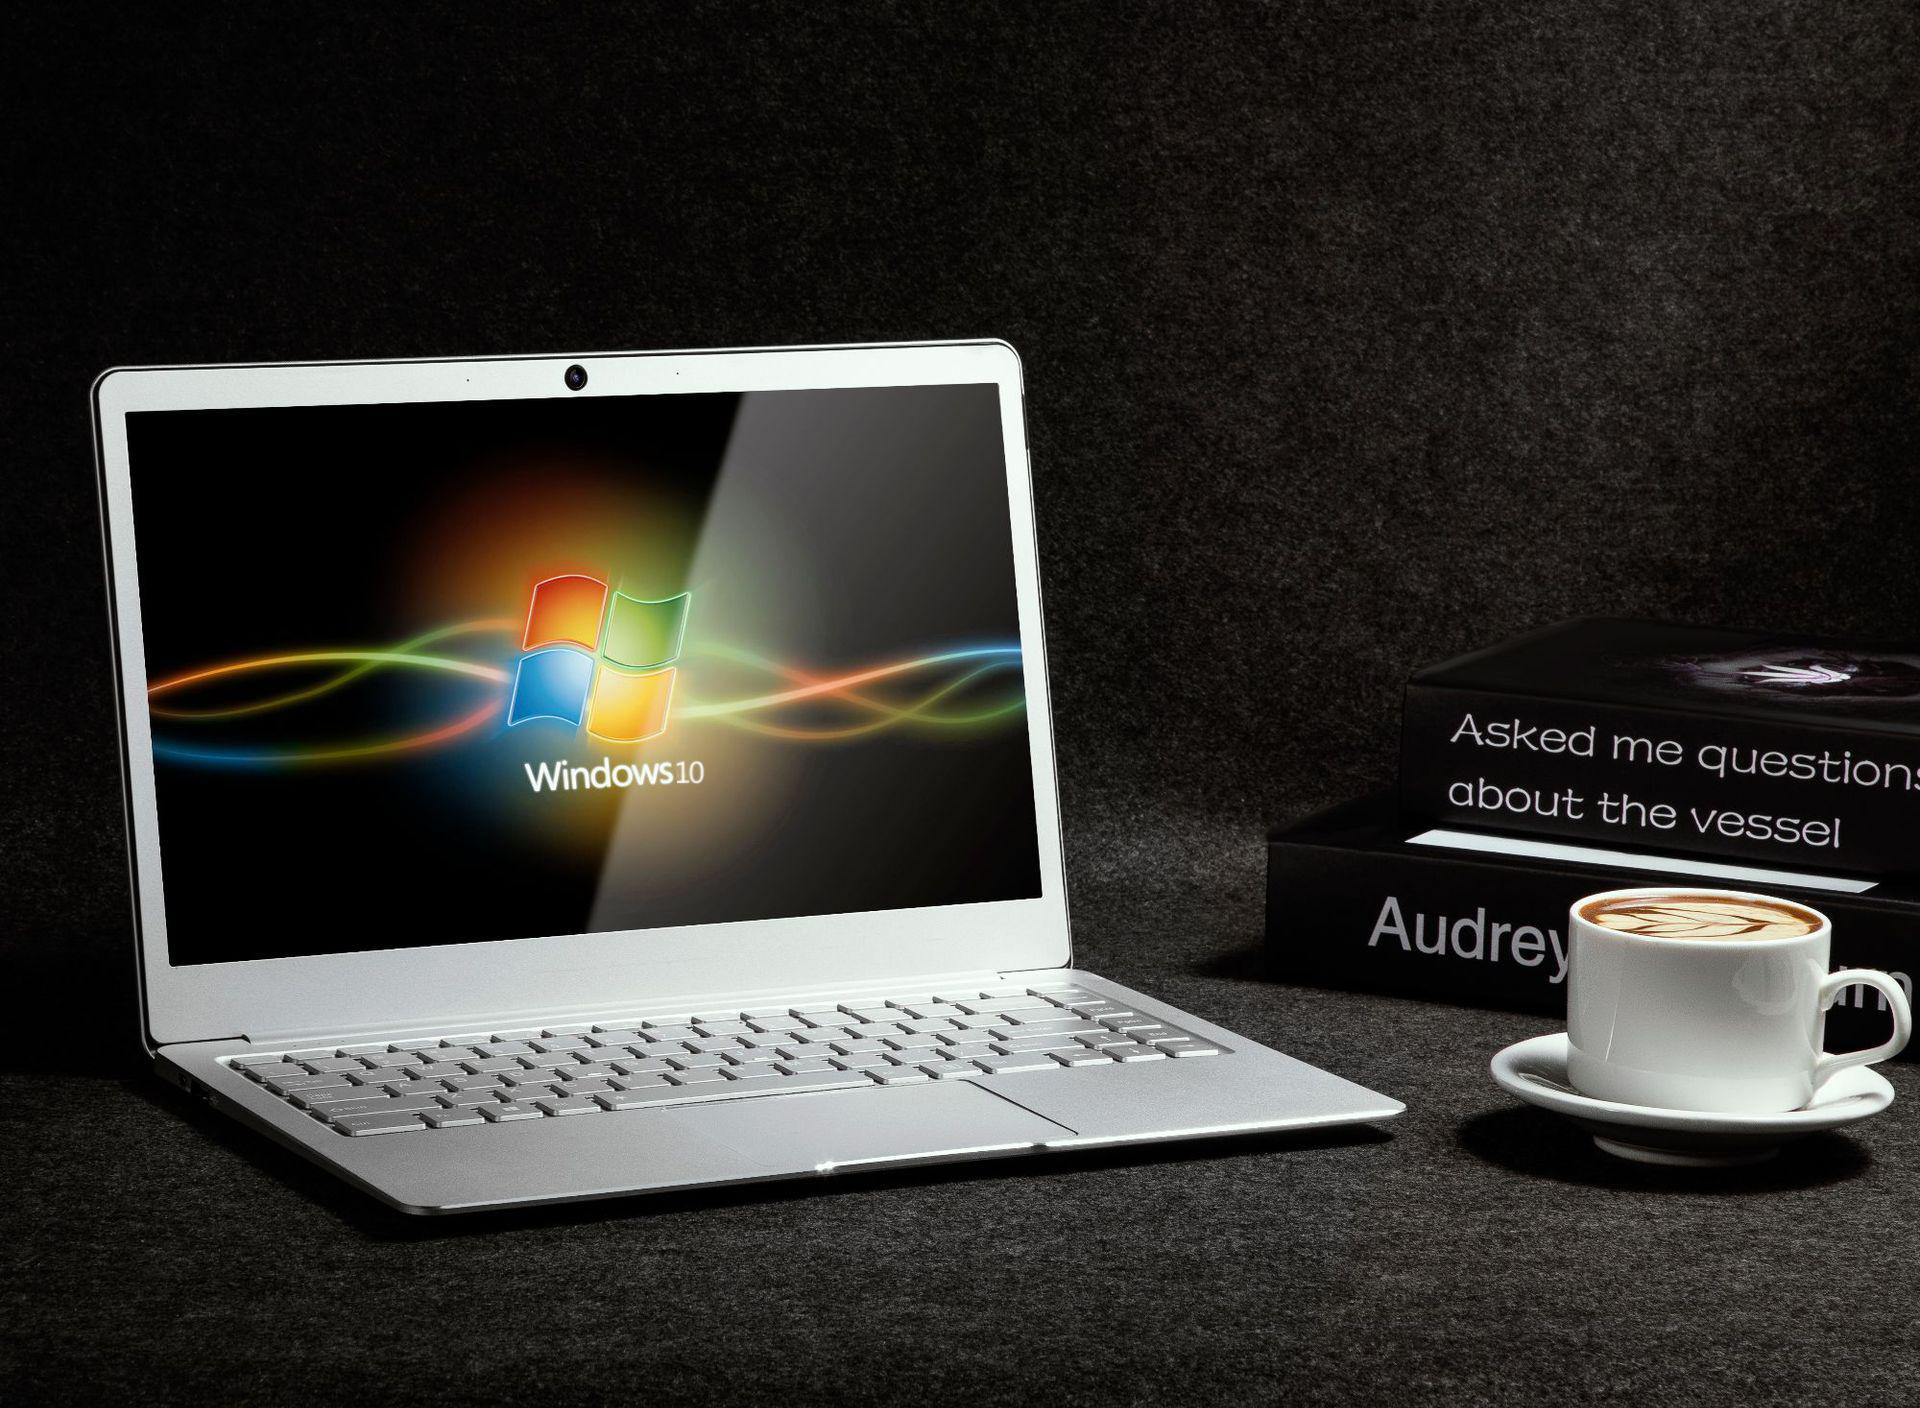 联想电脑笔记本_笔记本电脑_厂家14.1英寸办公笔记本电脑 oem学生轻薄超级laptop ...